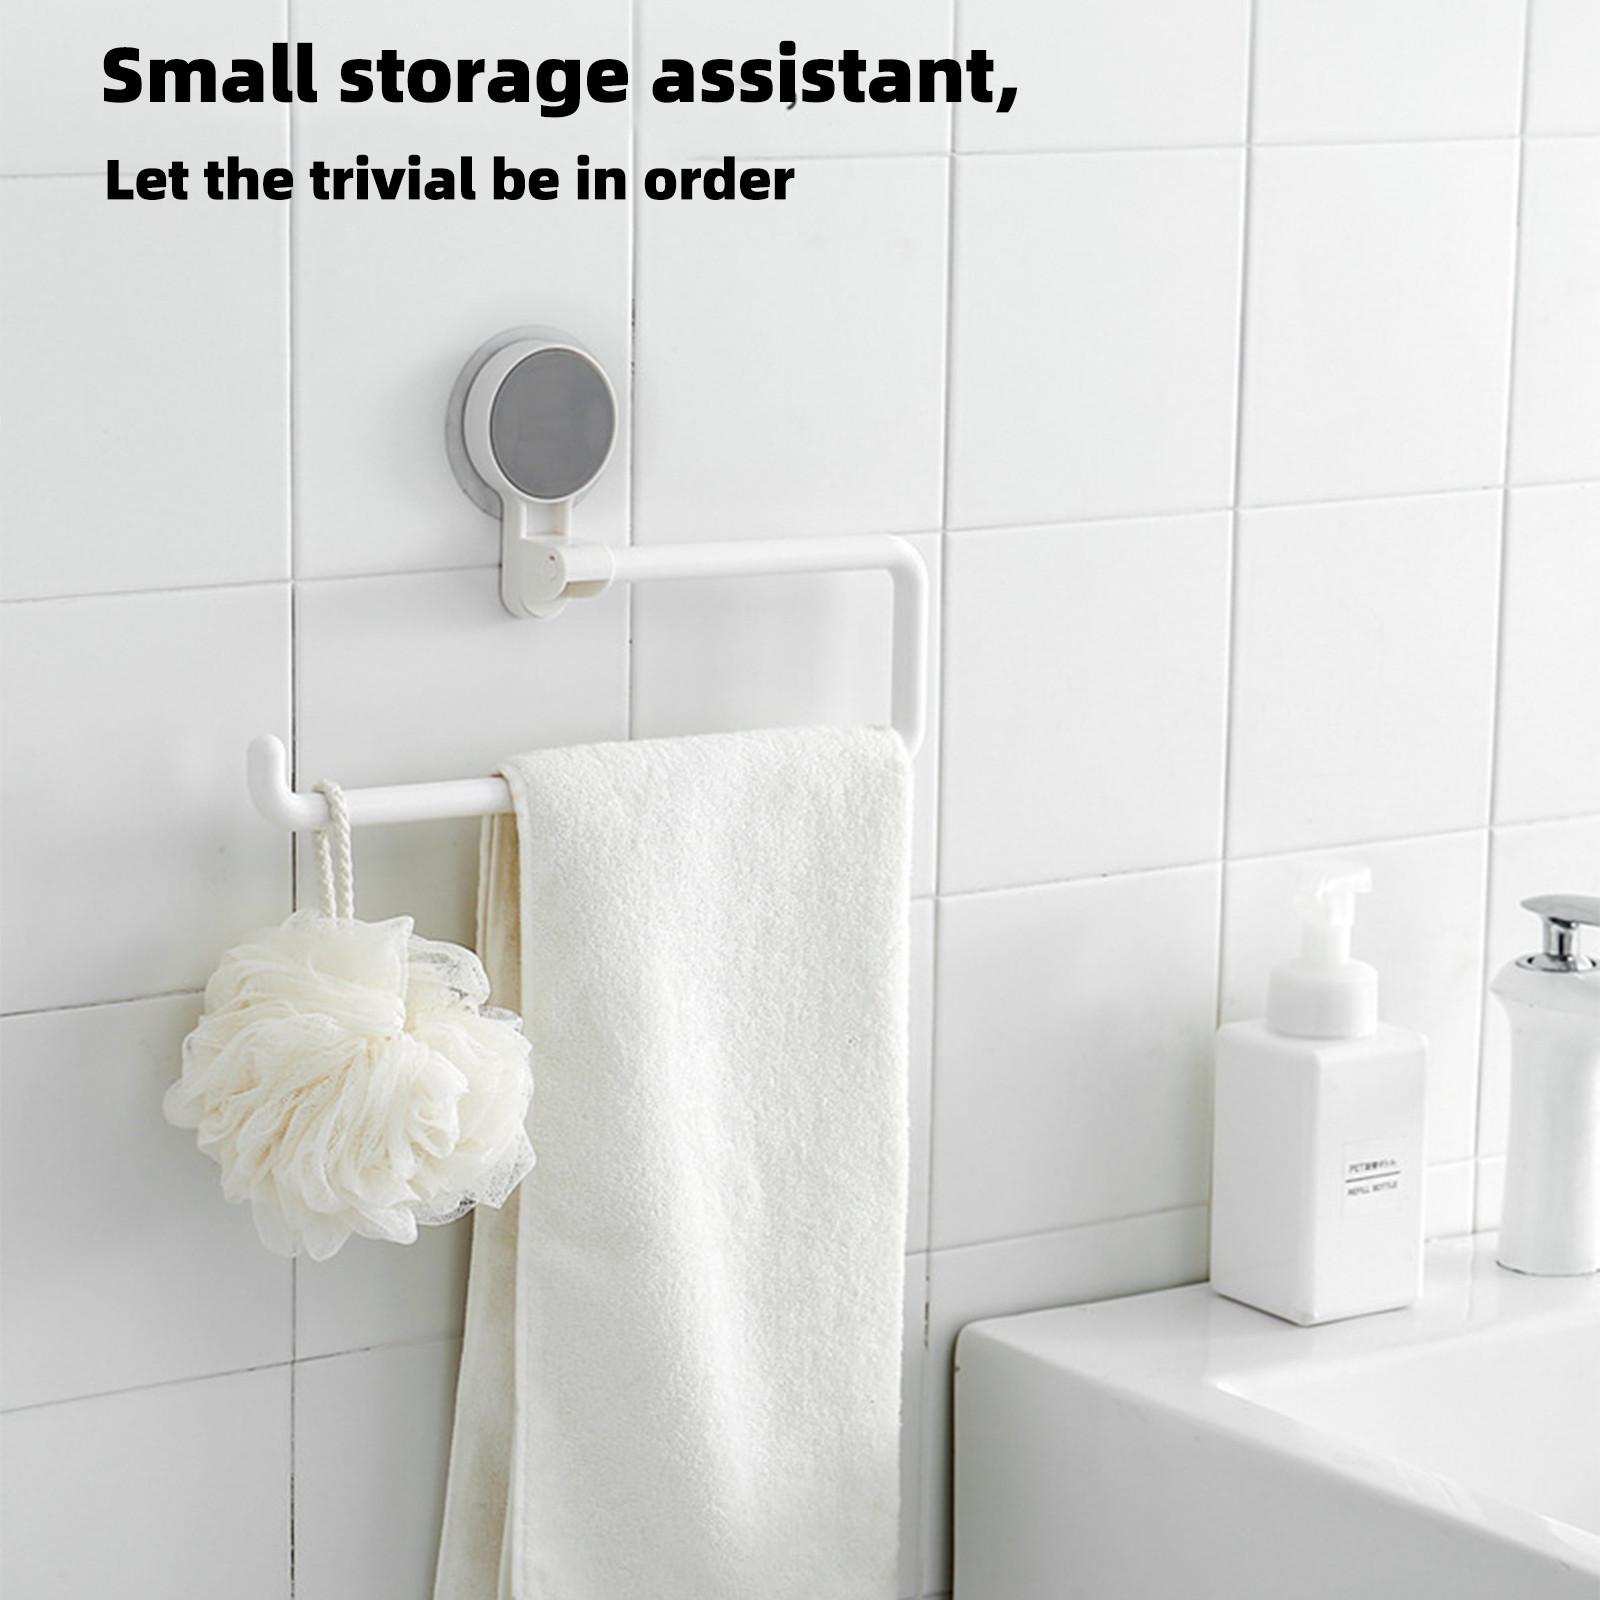 1 Móc Treo Khăn Gắn Tường Tiện Lợi Cho Phòng Tắm / Nhà Bếp